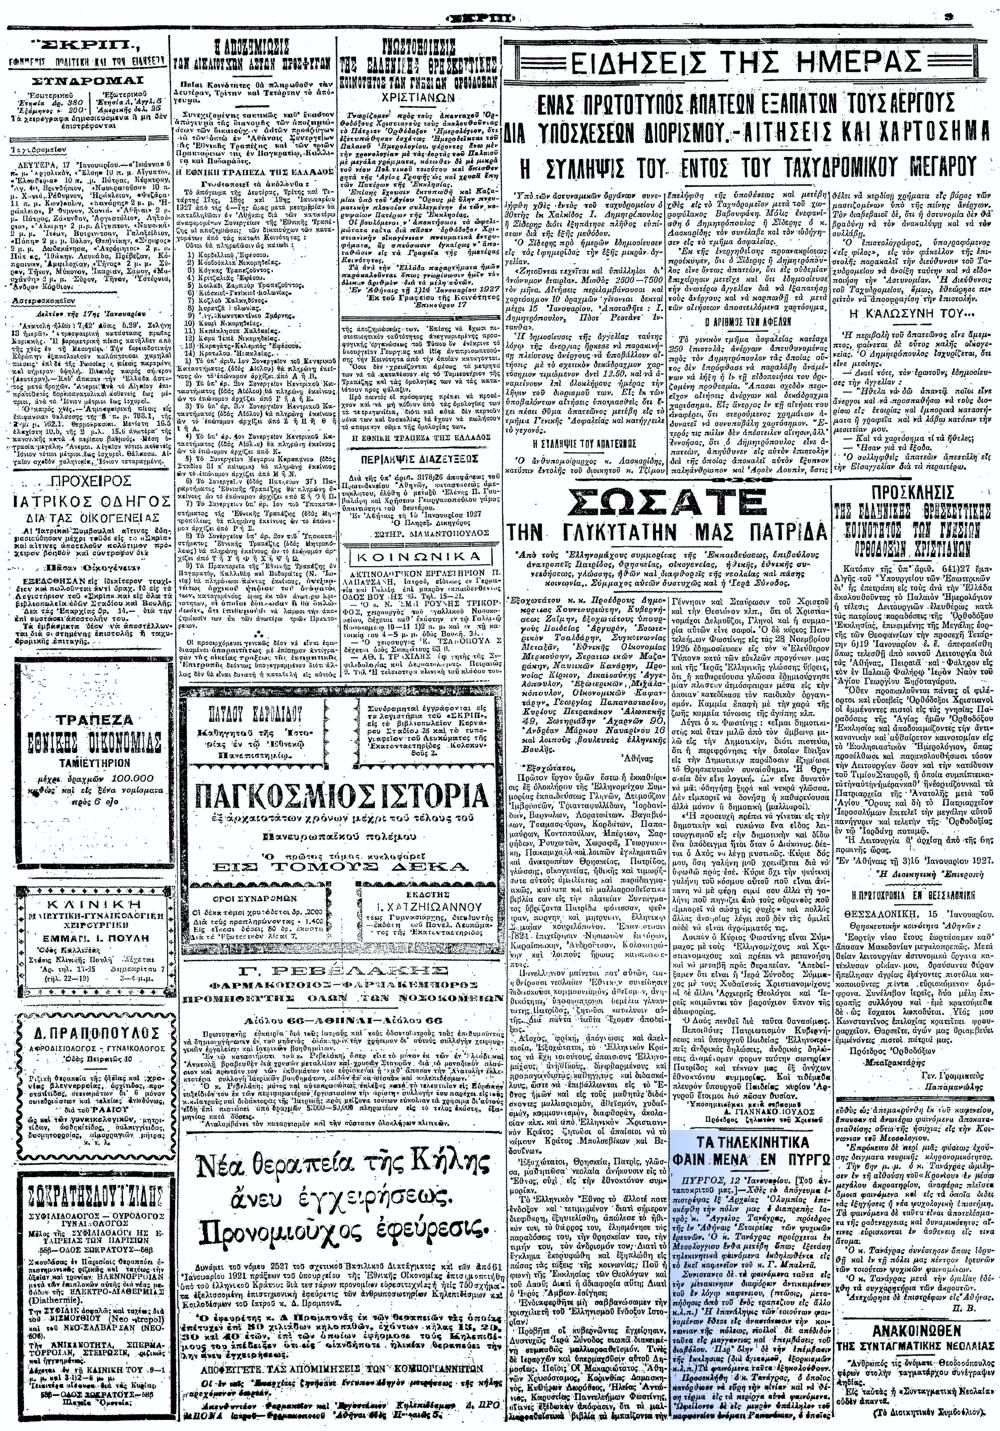 """Το άρθρο, όπως δημοσιεύθηκε στην εφημερίδα """"ΣΚΡΙΠ"""", στις 17/01/1927"""